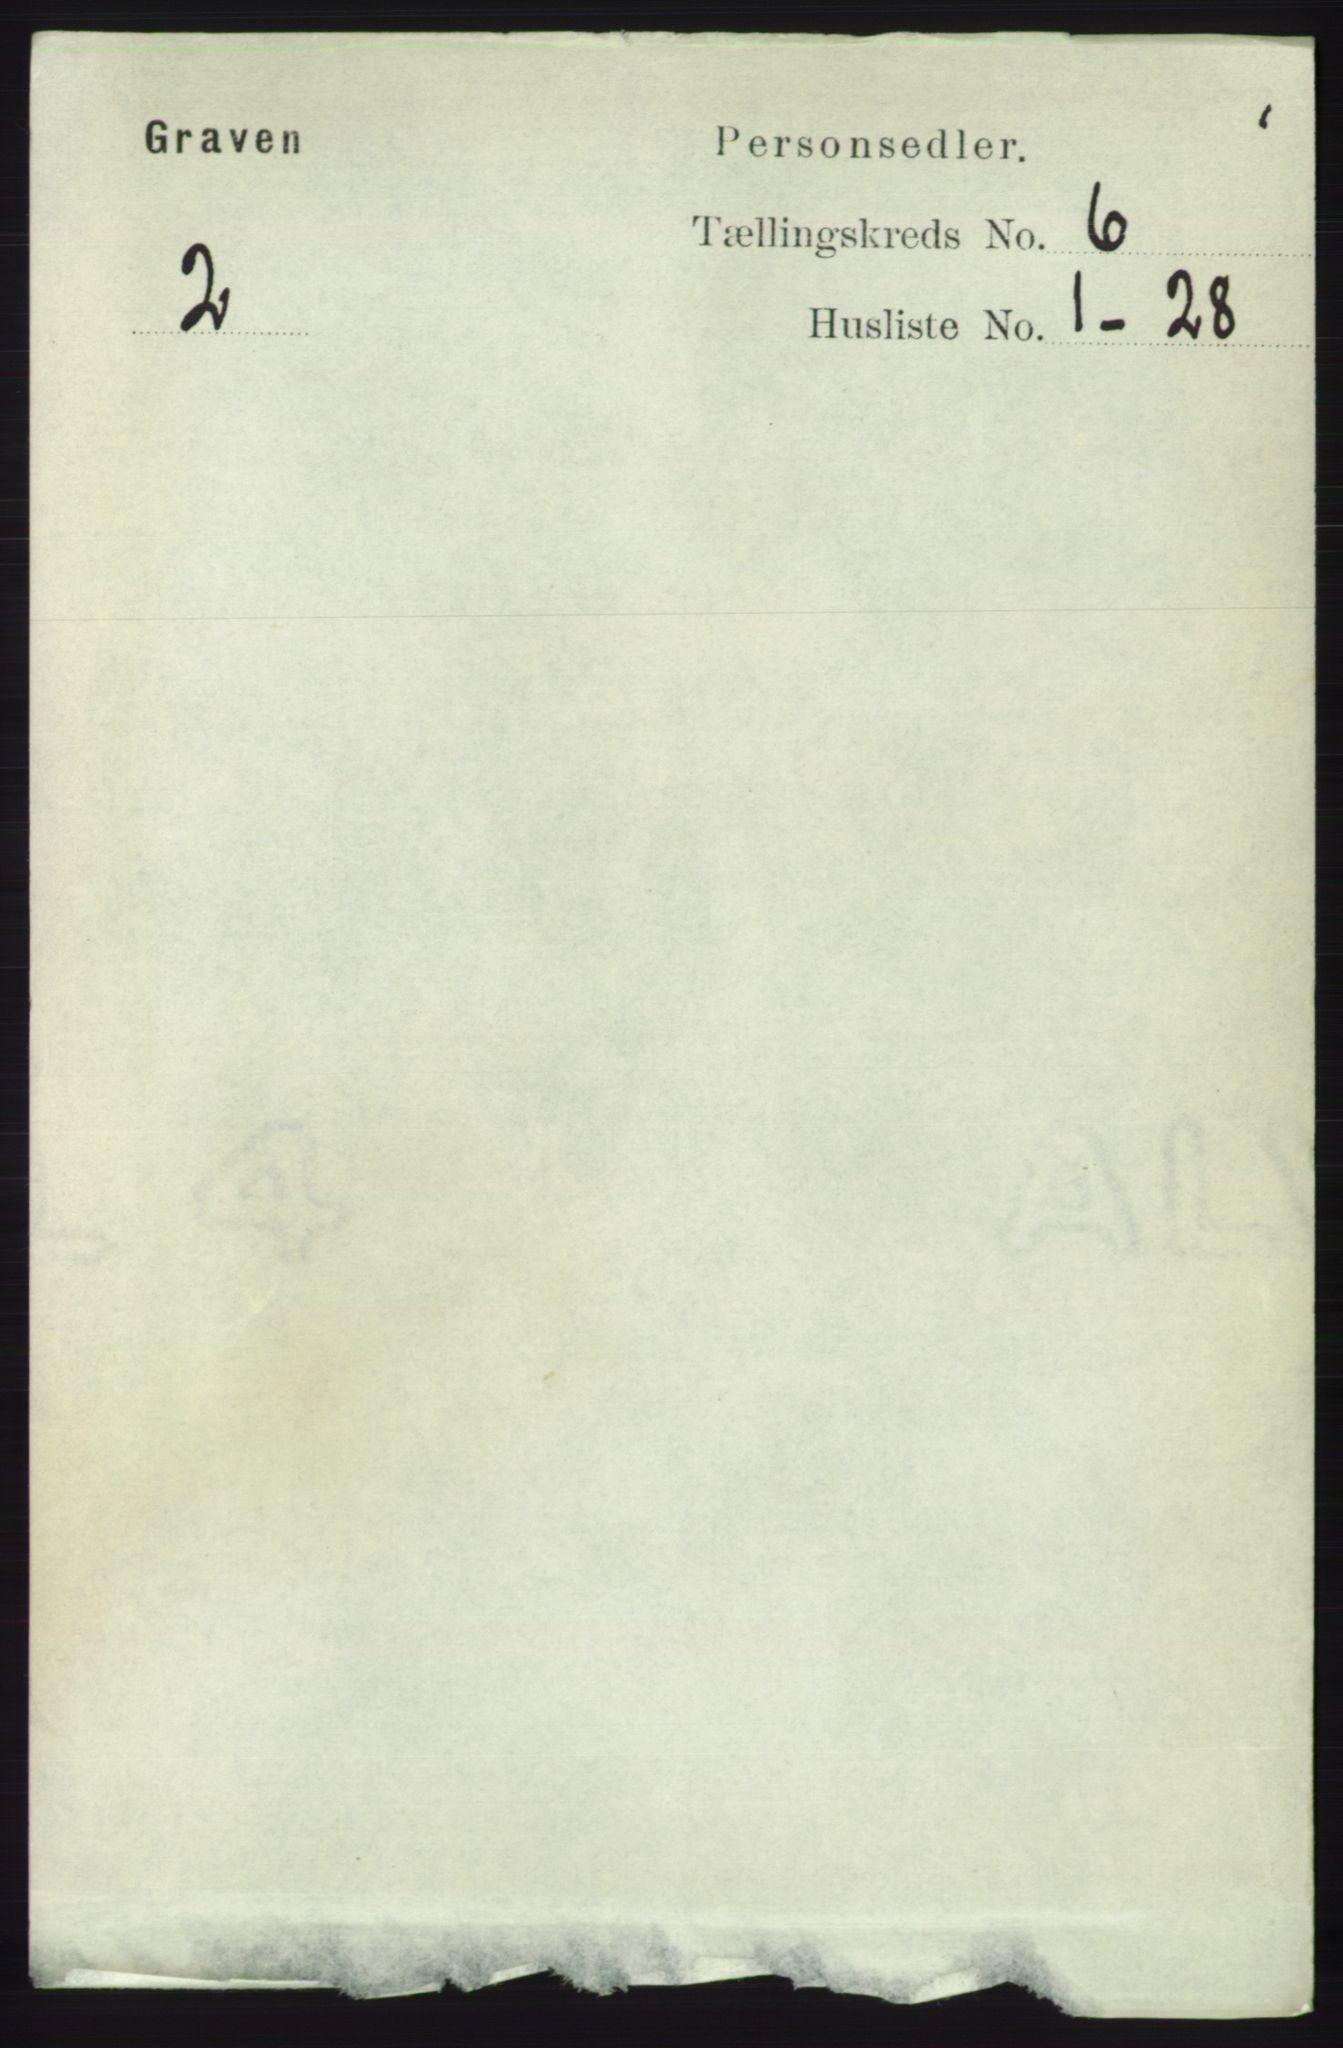 RA, Folketelling 1891 for 1233 Ulvik herred, 1891, s. 1857